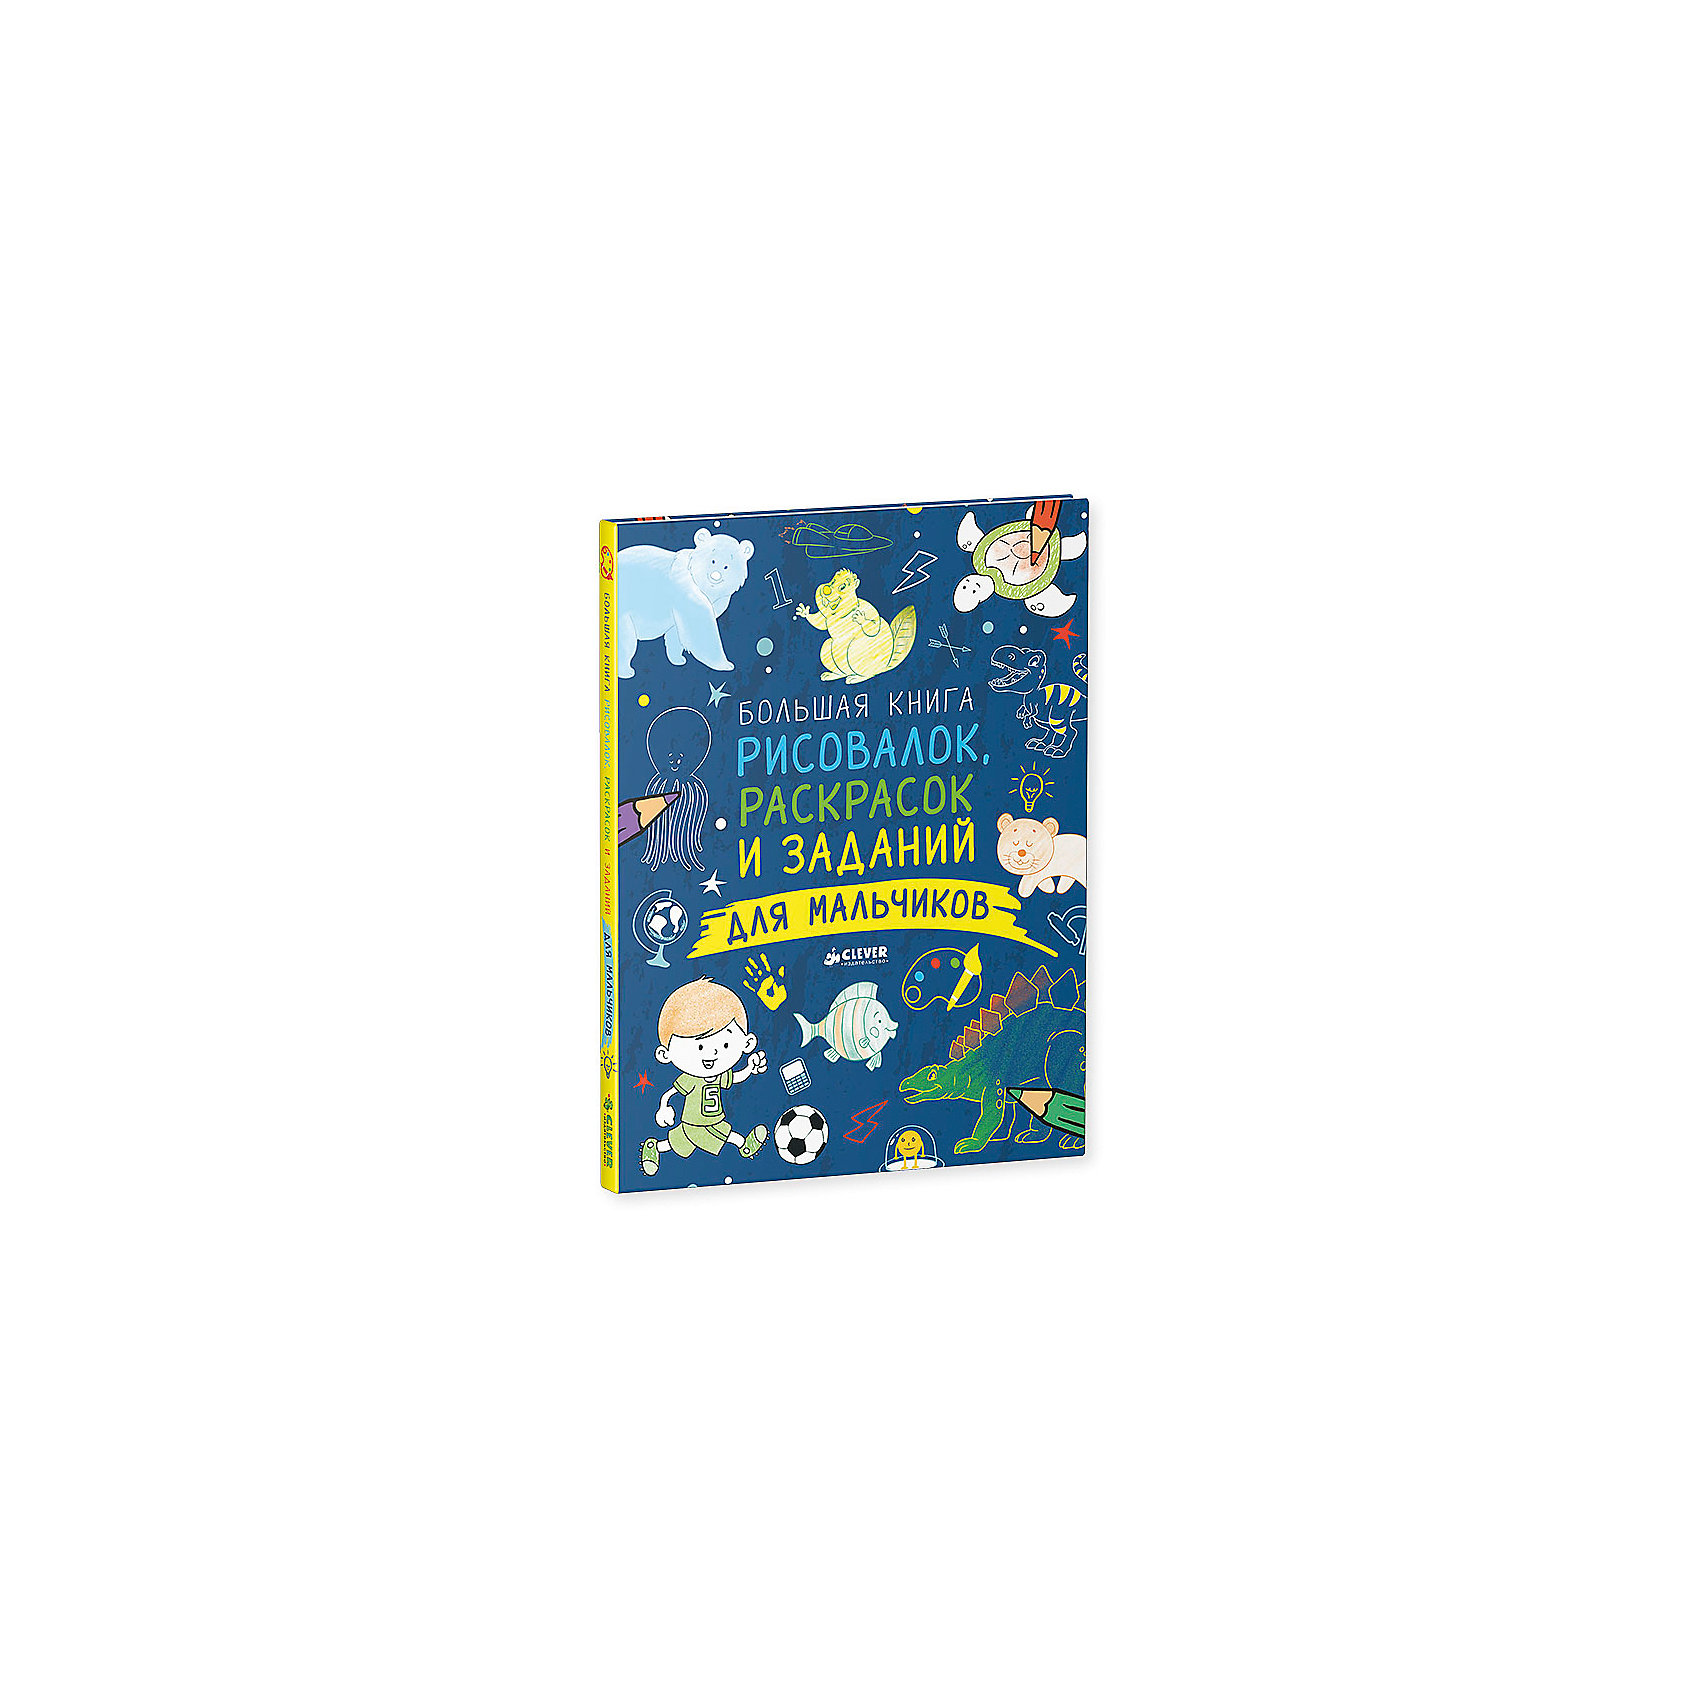 Большая книга рисовалок, раскрасок и заданий для мальчиковРисование<br>Характеристики товара:<br><br>• материал: картон, бумага<br>• возраст: от трех лет<br>• страниц: 160<br>• формат: 18х24 см<br>• развивающая<br>• твердая обложка<br>• цветные иллюстрации<br>• страна производства: Российская Федерация<br><br>В этой книге собраны интересные и развивающие задания, которые дополнены красочными иллюстрациями. Такие задания помогут родителям развлечь малыша и одновременно помочь ему развиваться. <br>Изделие очень качественно выполнено, обложка - красивая. Формат - удобный. Такая книжка станет отличным подарком для ответственных родителей. Подобные задания помогают детям научиться логически мыслить, обобщать, а также развивают память, фантазию и внимание. Подходит для детей от трех лет.<br><br>Издание Большая книга рисовалок, раскрасок и заданий для мальчиков можно купить в нашем интернет-магазине.<br><br>Ширина мм: 240<br>Глубина мм: 185<br>Высота мм: 8<br>Вес г: 250<br>Возраст от месяцев: 84<br>Возраст до месяцев: 132<br>Пол: Мужской<br>Возраст: Детский<br>SKU: 5279330